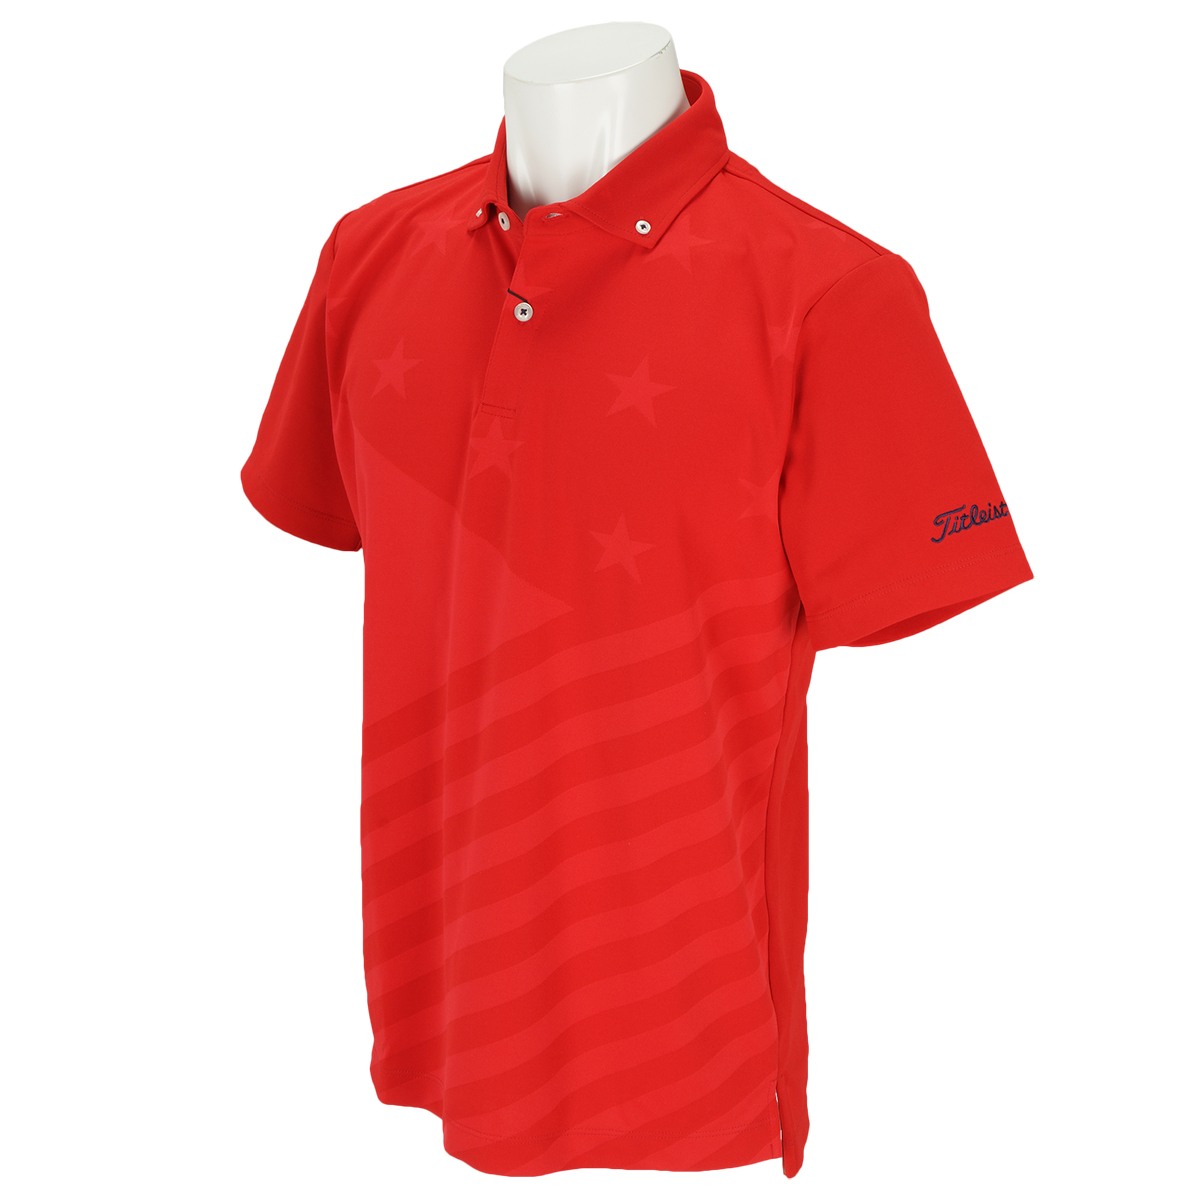 ストレッチストライプ&スター半袖ポロシャツ